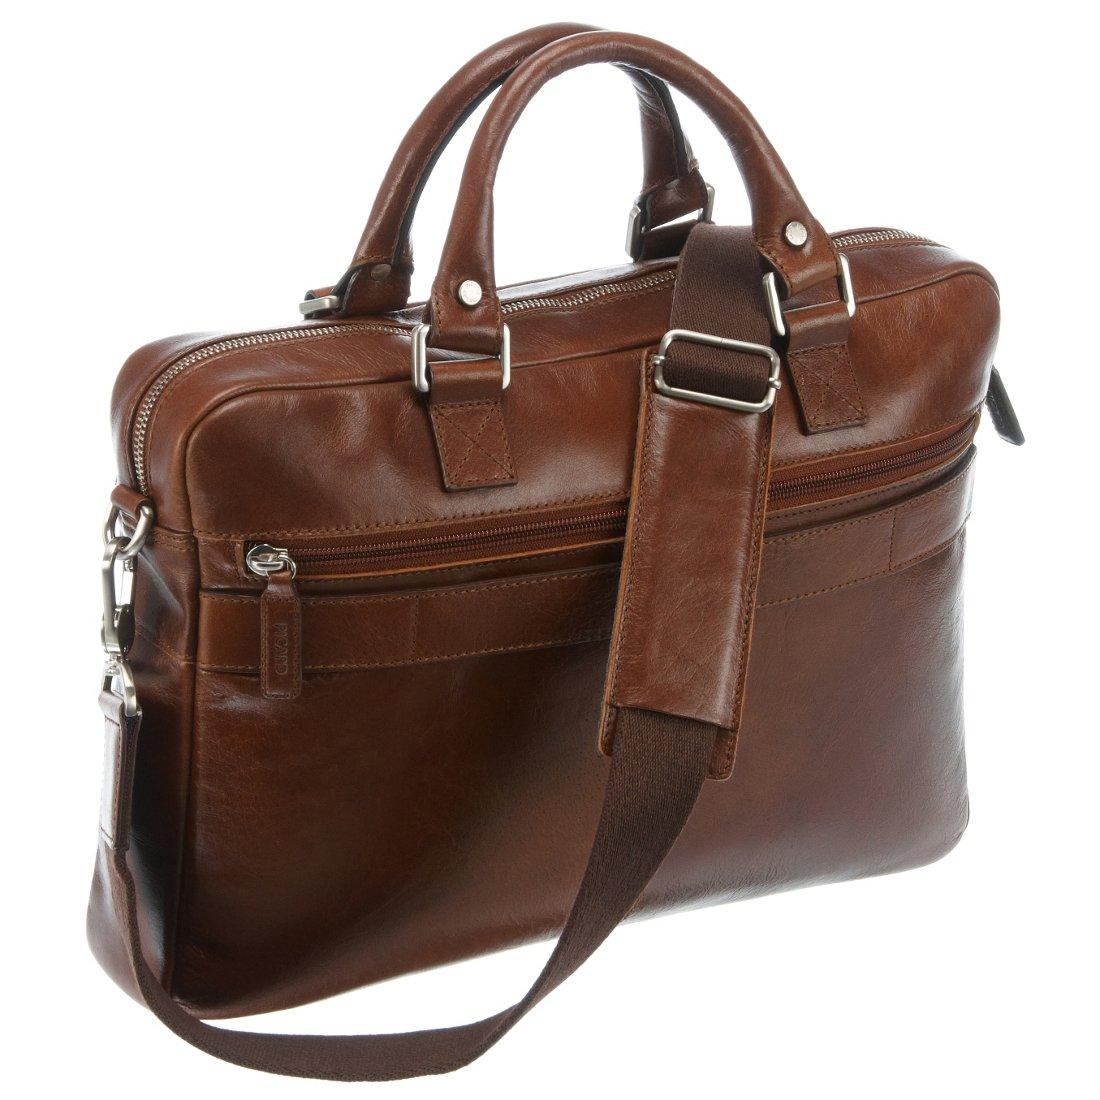 f225596c6c5eb Picard Buddy Aktentasche mit Laptopfach 39 cm - cognac - koffer ...